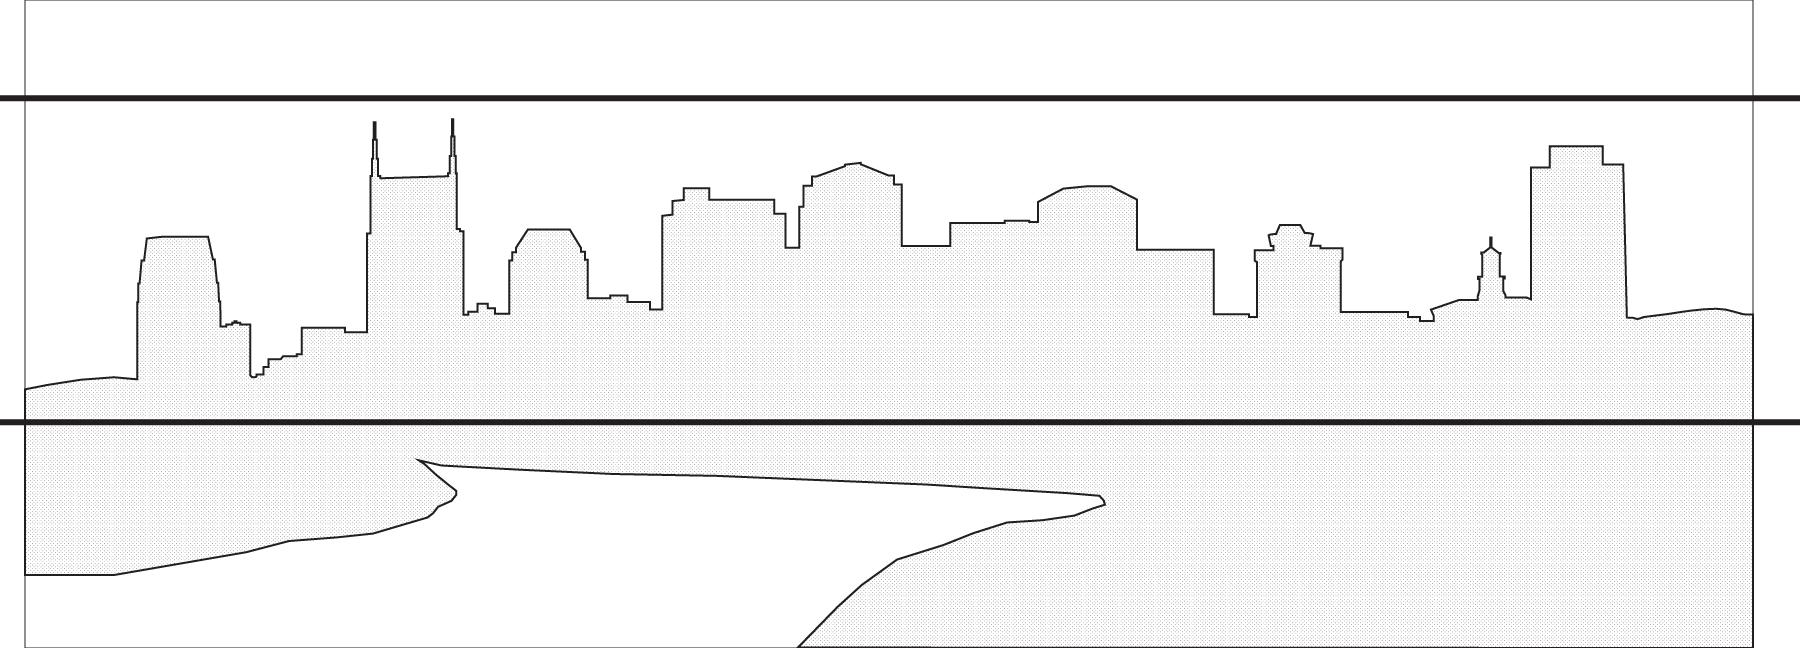 Nashville-Skyline-reduced-size.png